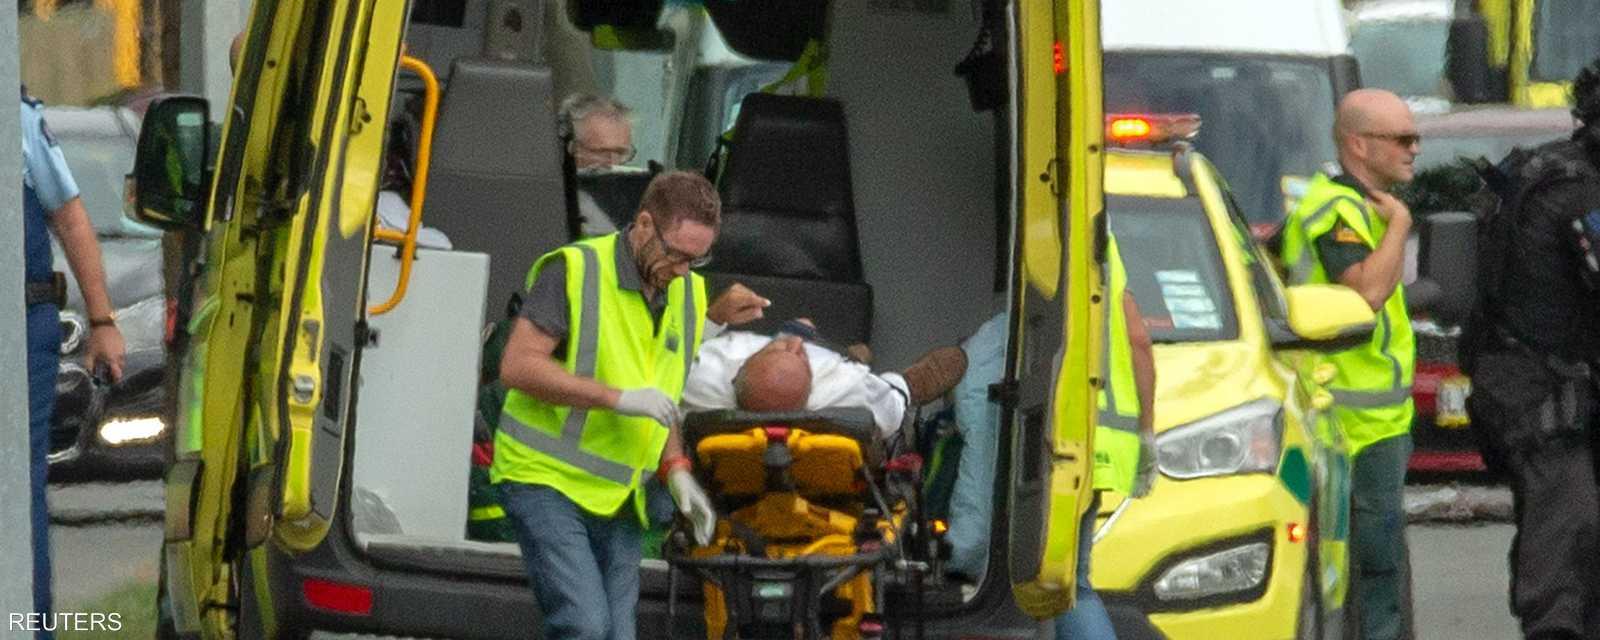 بث الهجوم، الذي وقع بمسجدين بمدينة كرايست تشيرش النيوزيلندية وخلف مقتل وإصابة العشرات، الرعب في نفوس المواطنين والمواطنات.